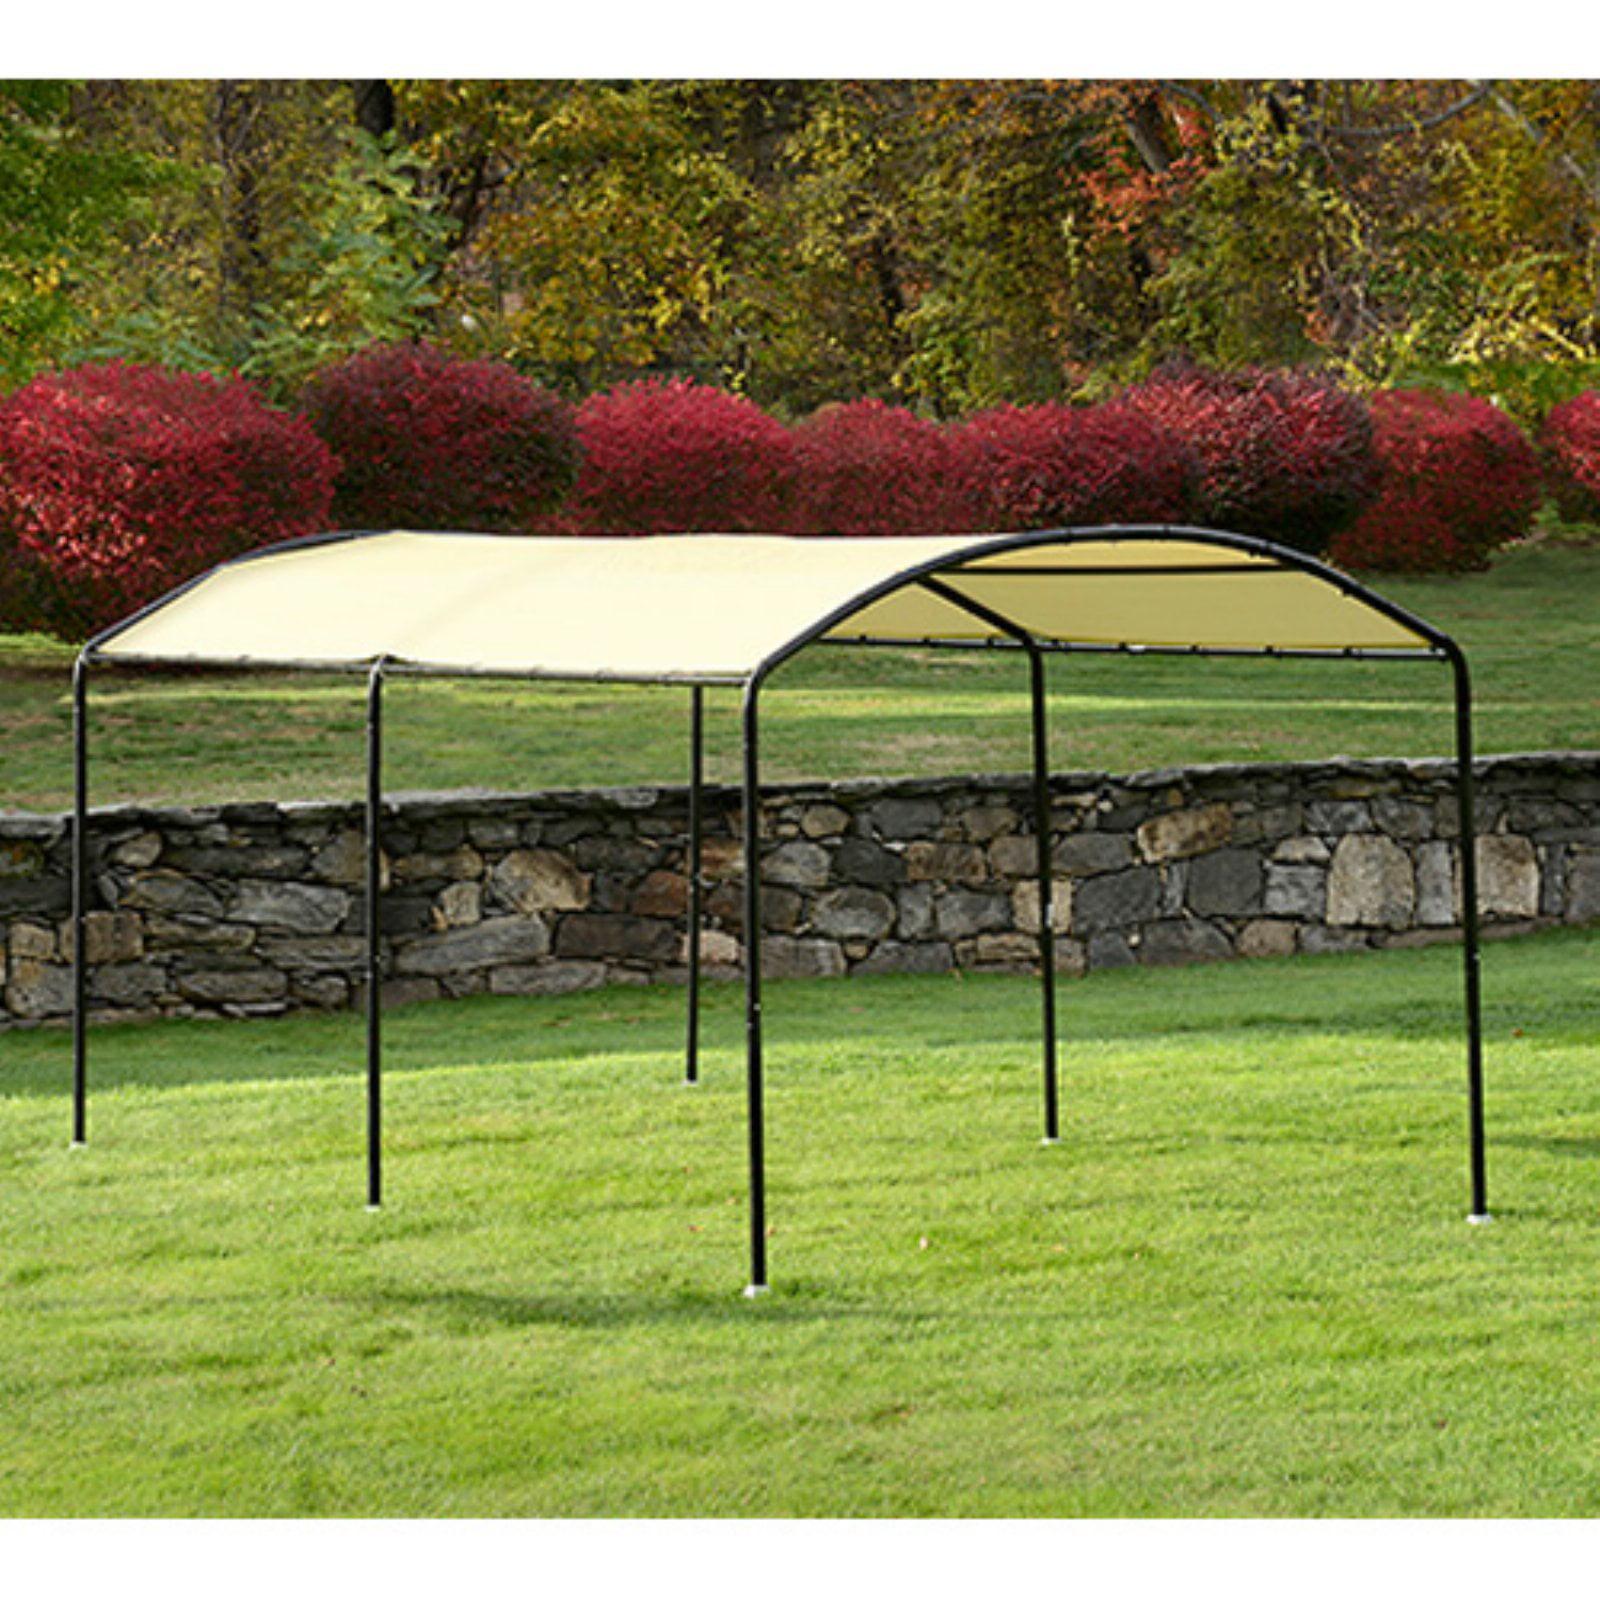 ShelterLogic Monarc Canopy, 10' x 18'